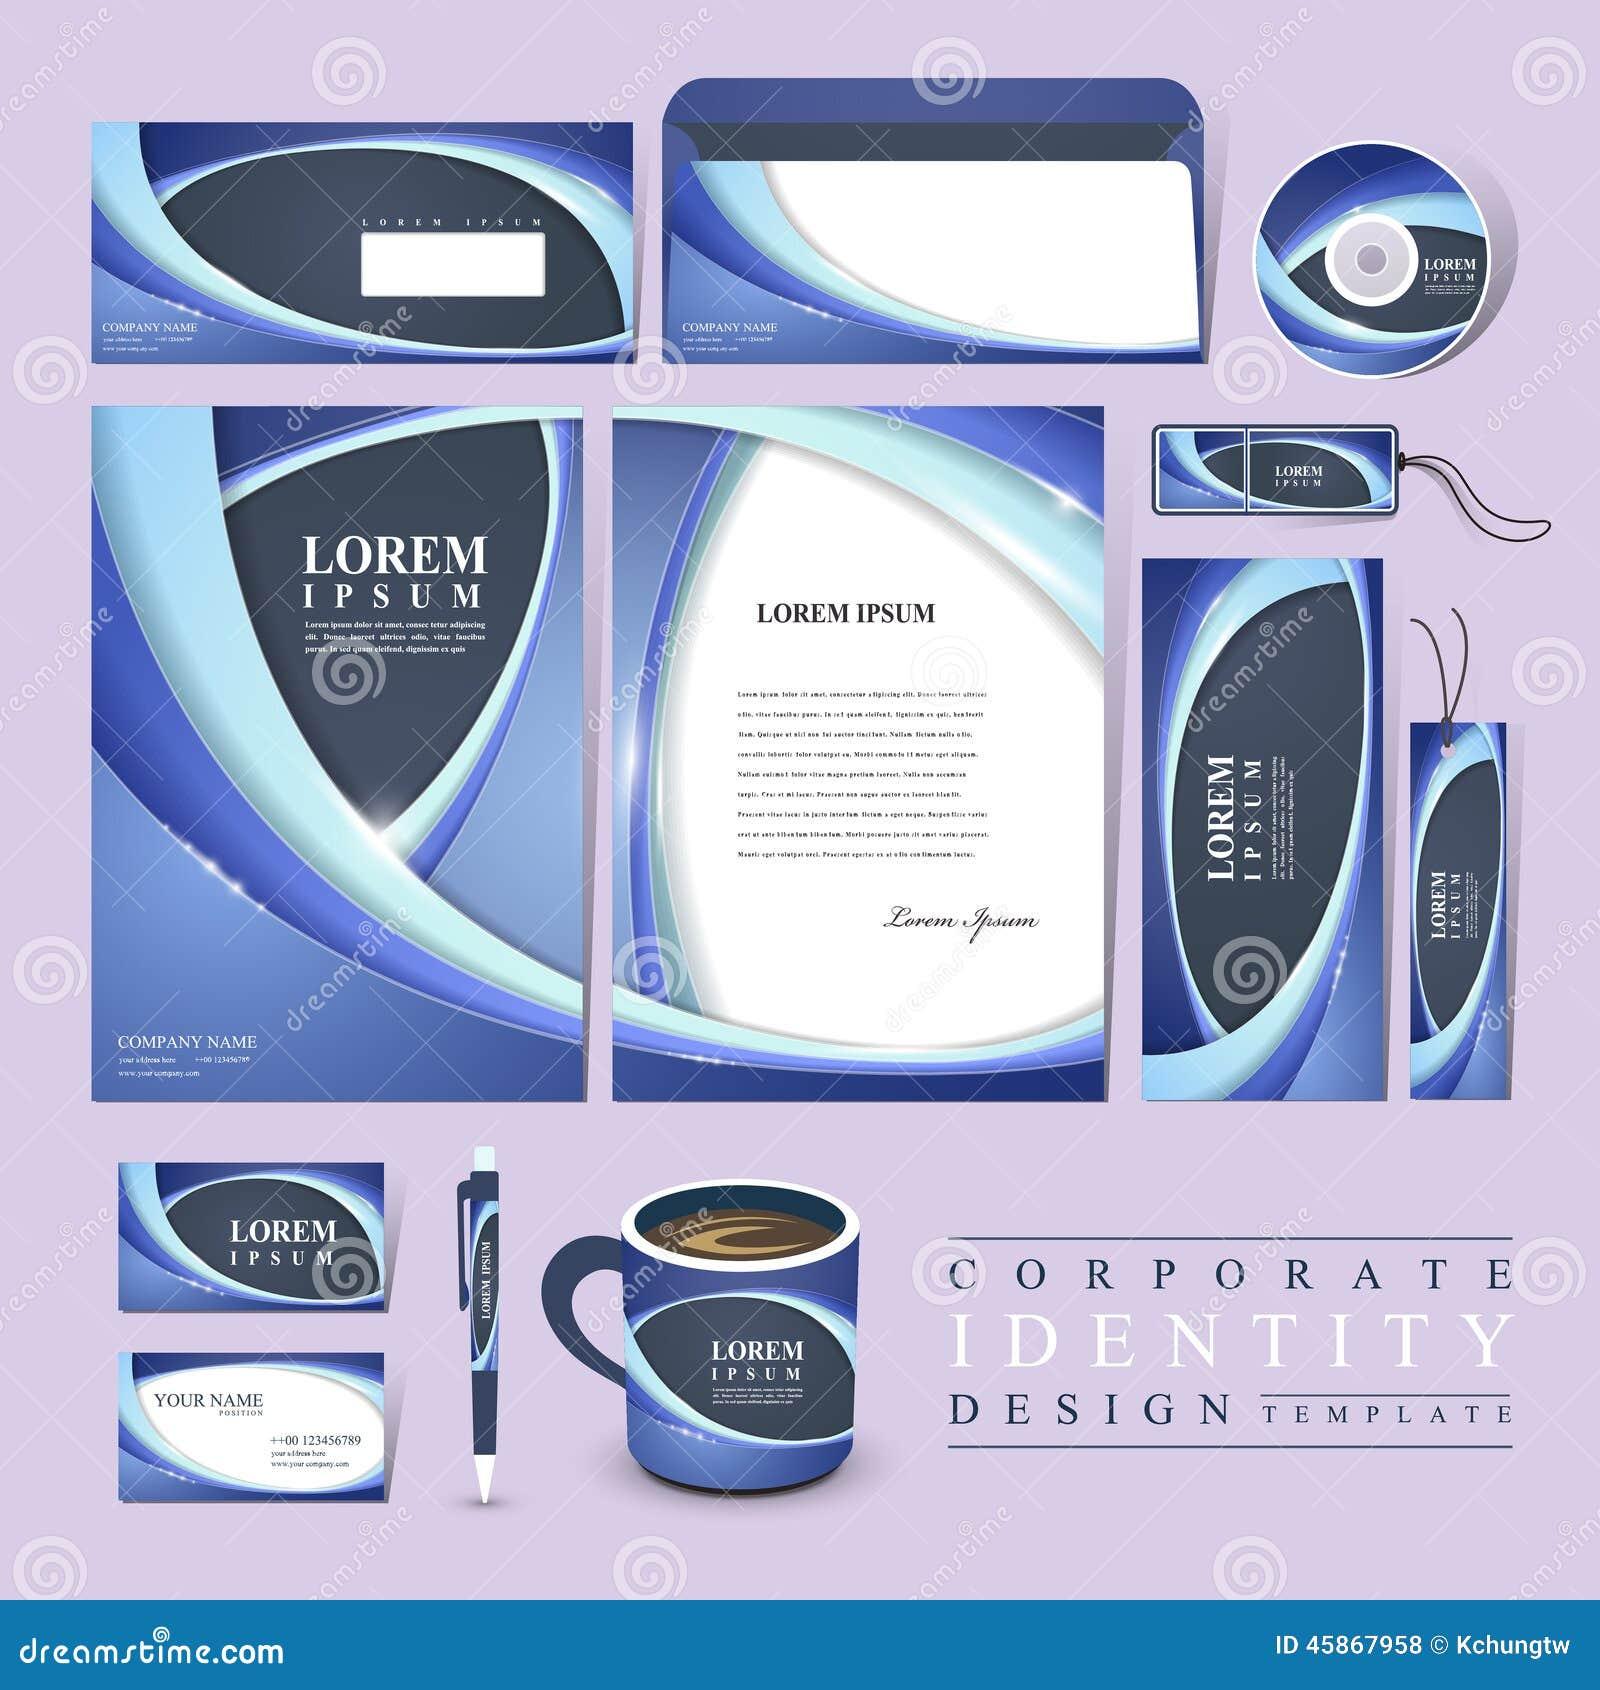 Abstract Futuristic Design For Corporate Identity